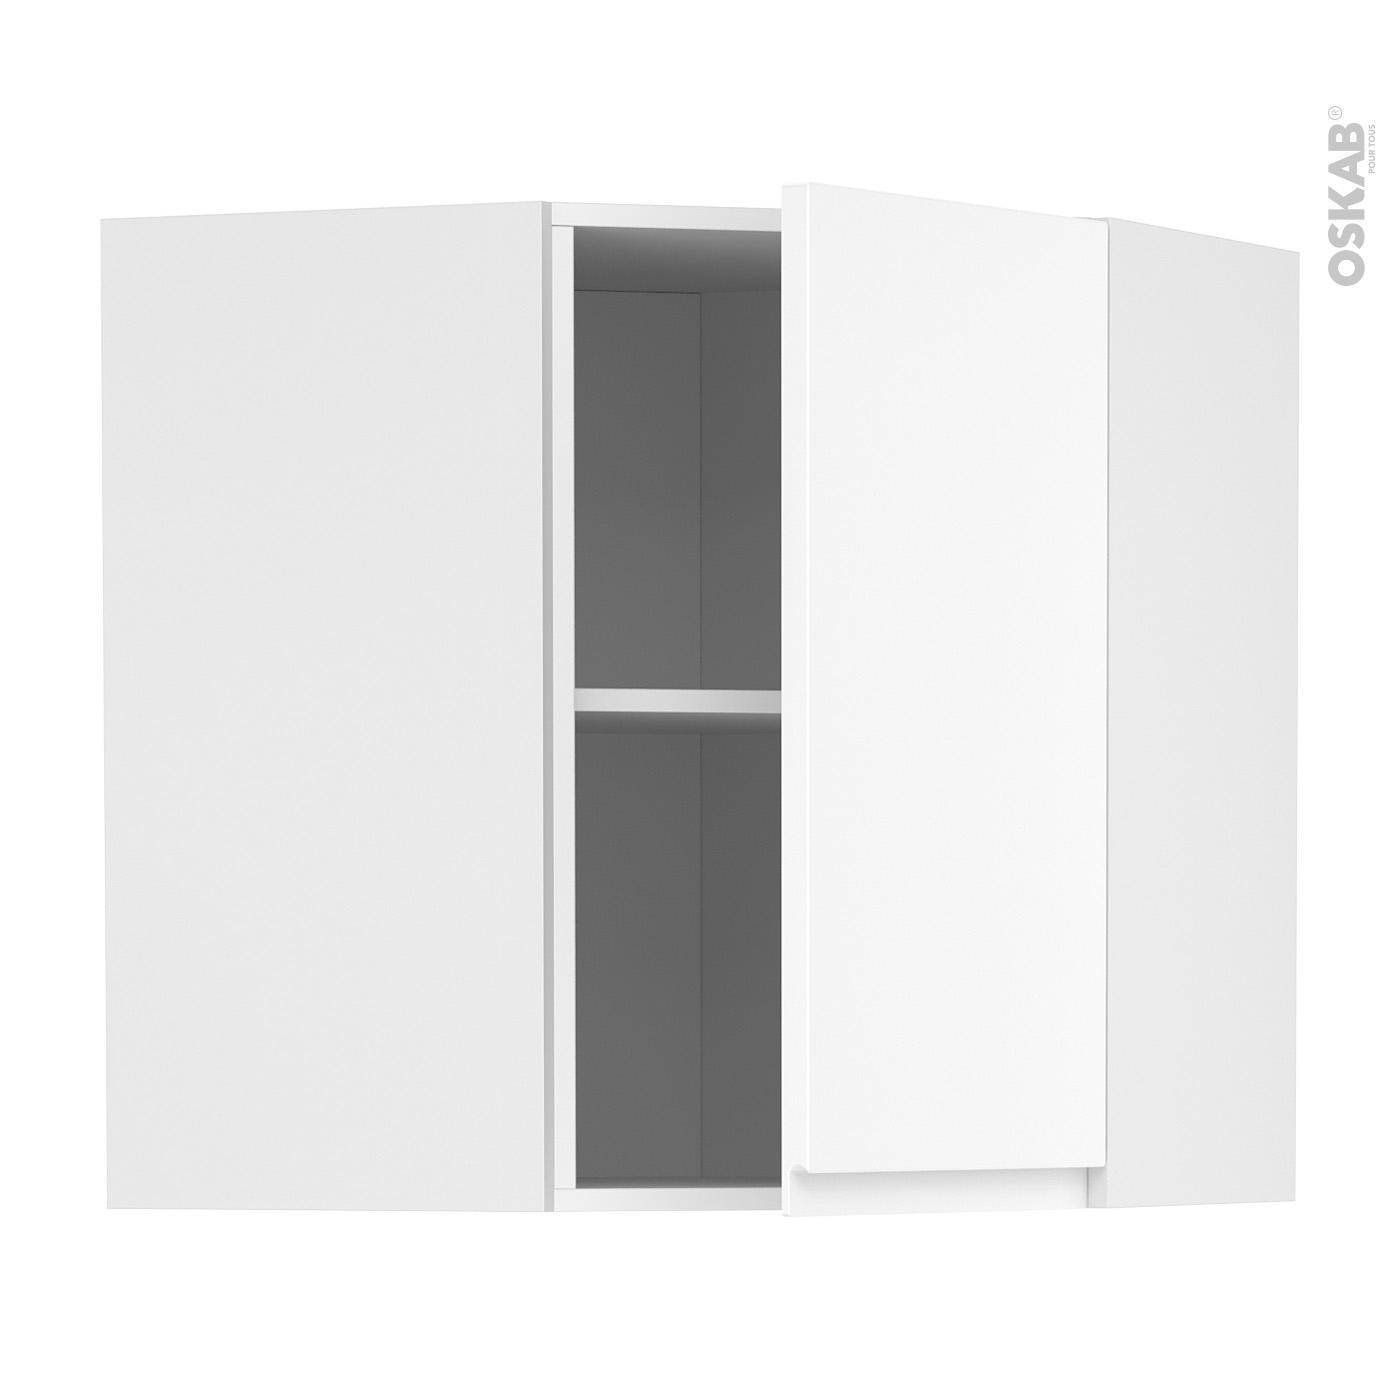 meuble de cuisine angle haut ipoma blanc mat 1 porte n 85 l40 cm l65 x h70 x p37 cm